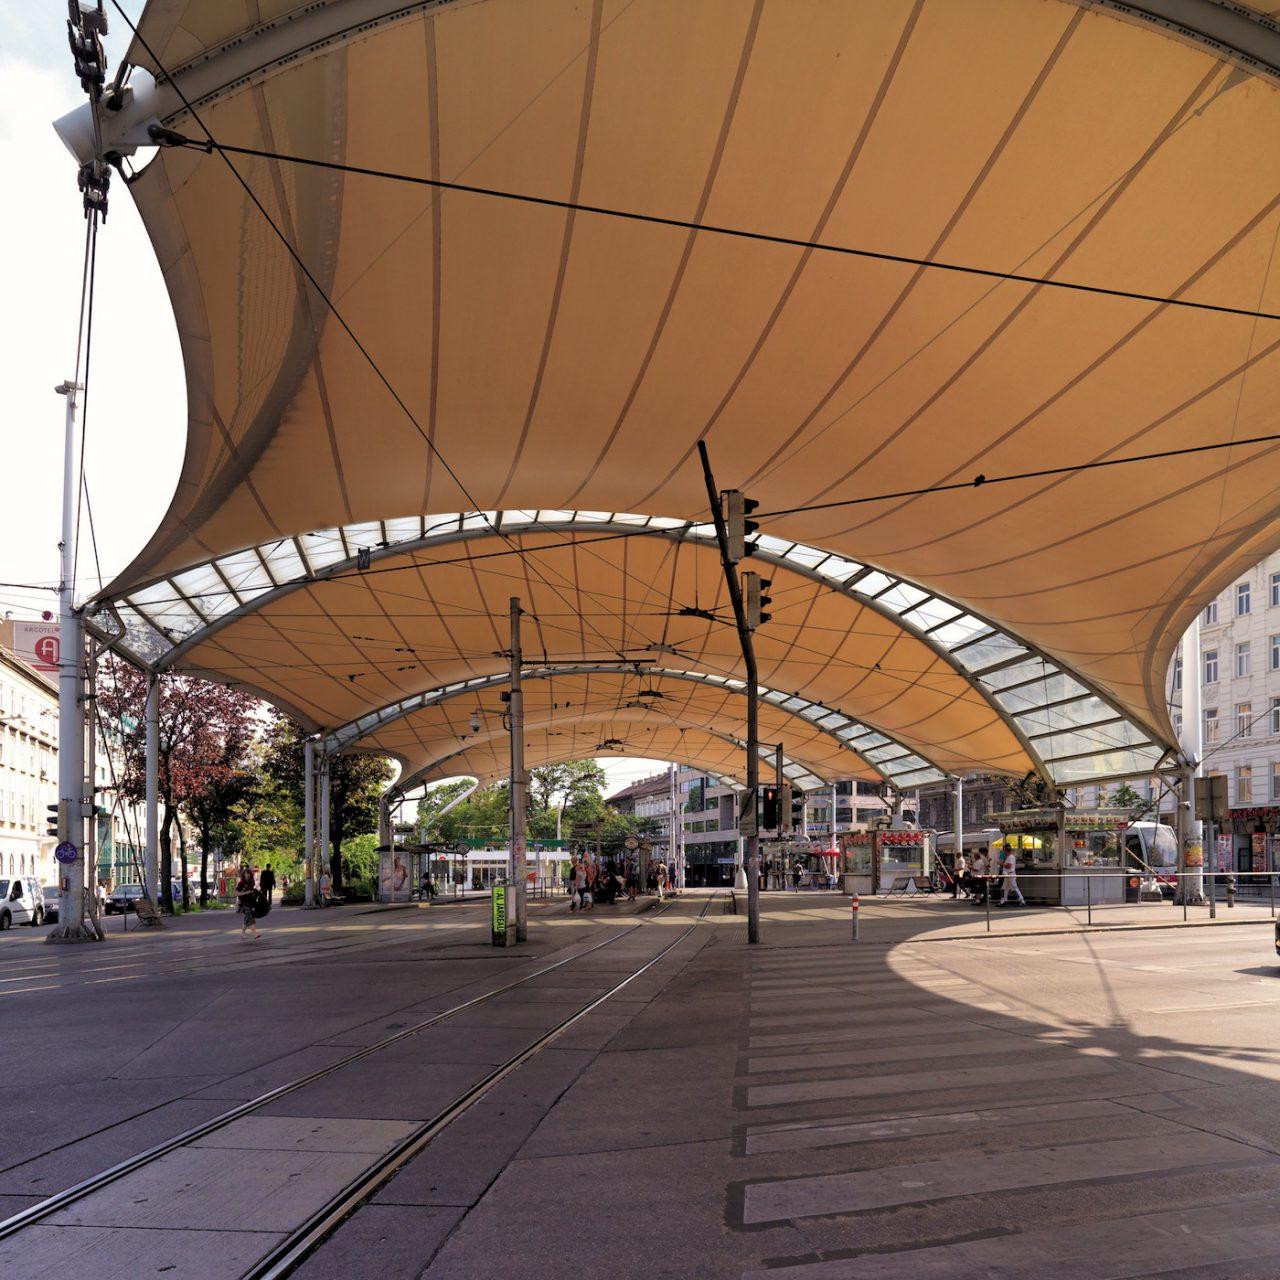 Zeltdach-Konstruktion. Architekten Tillner & Willinger